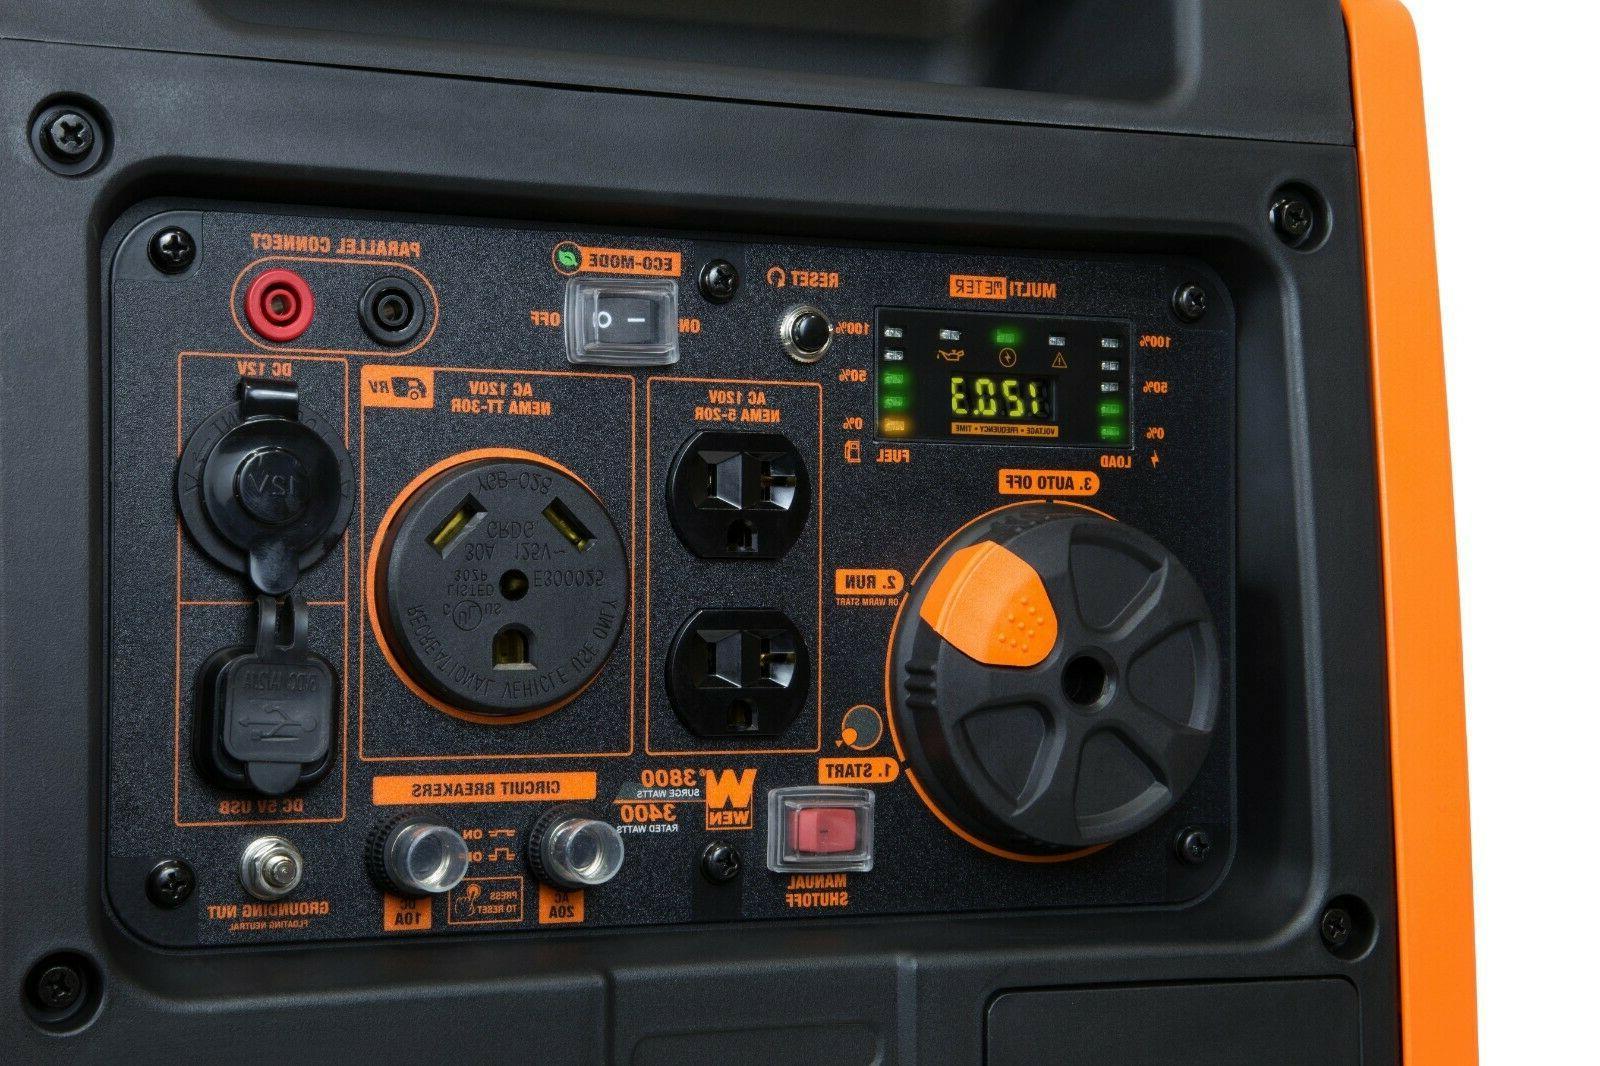 WEN Super Quiet 3800-Watt Portable with